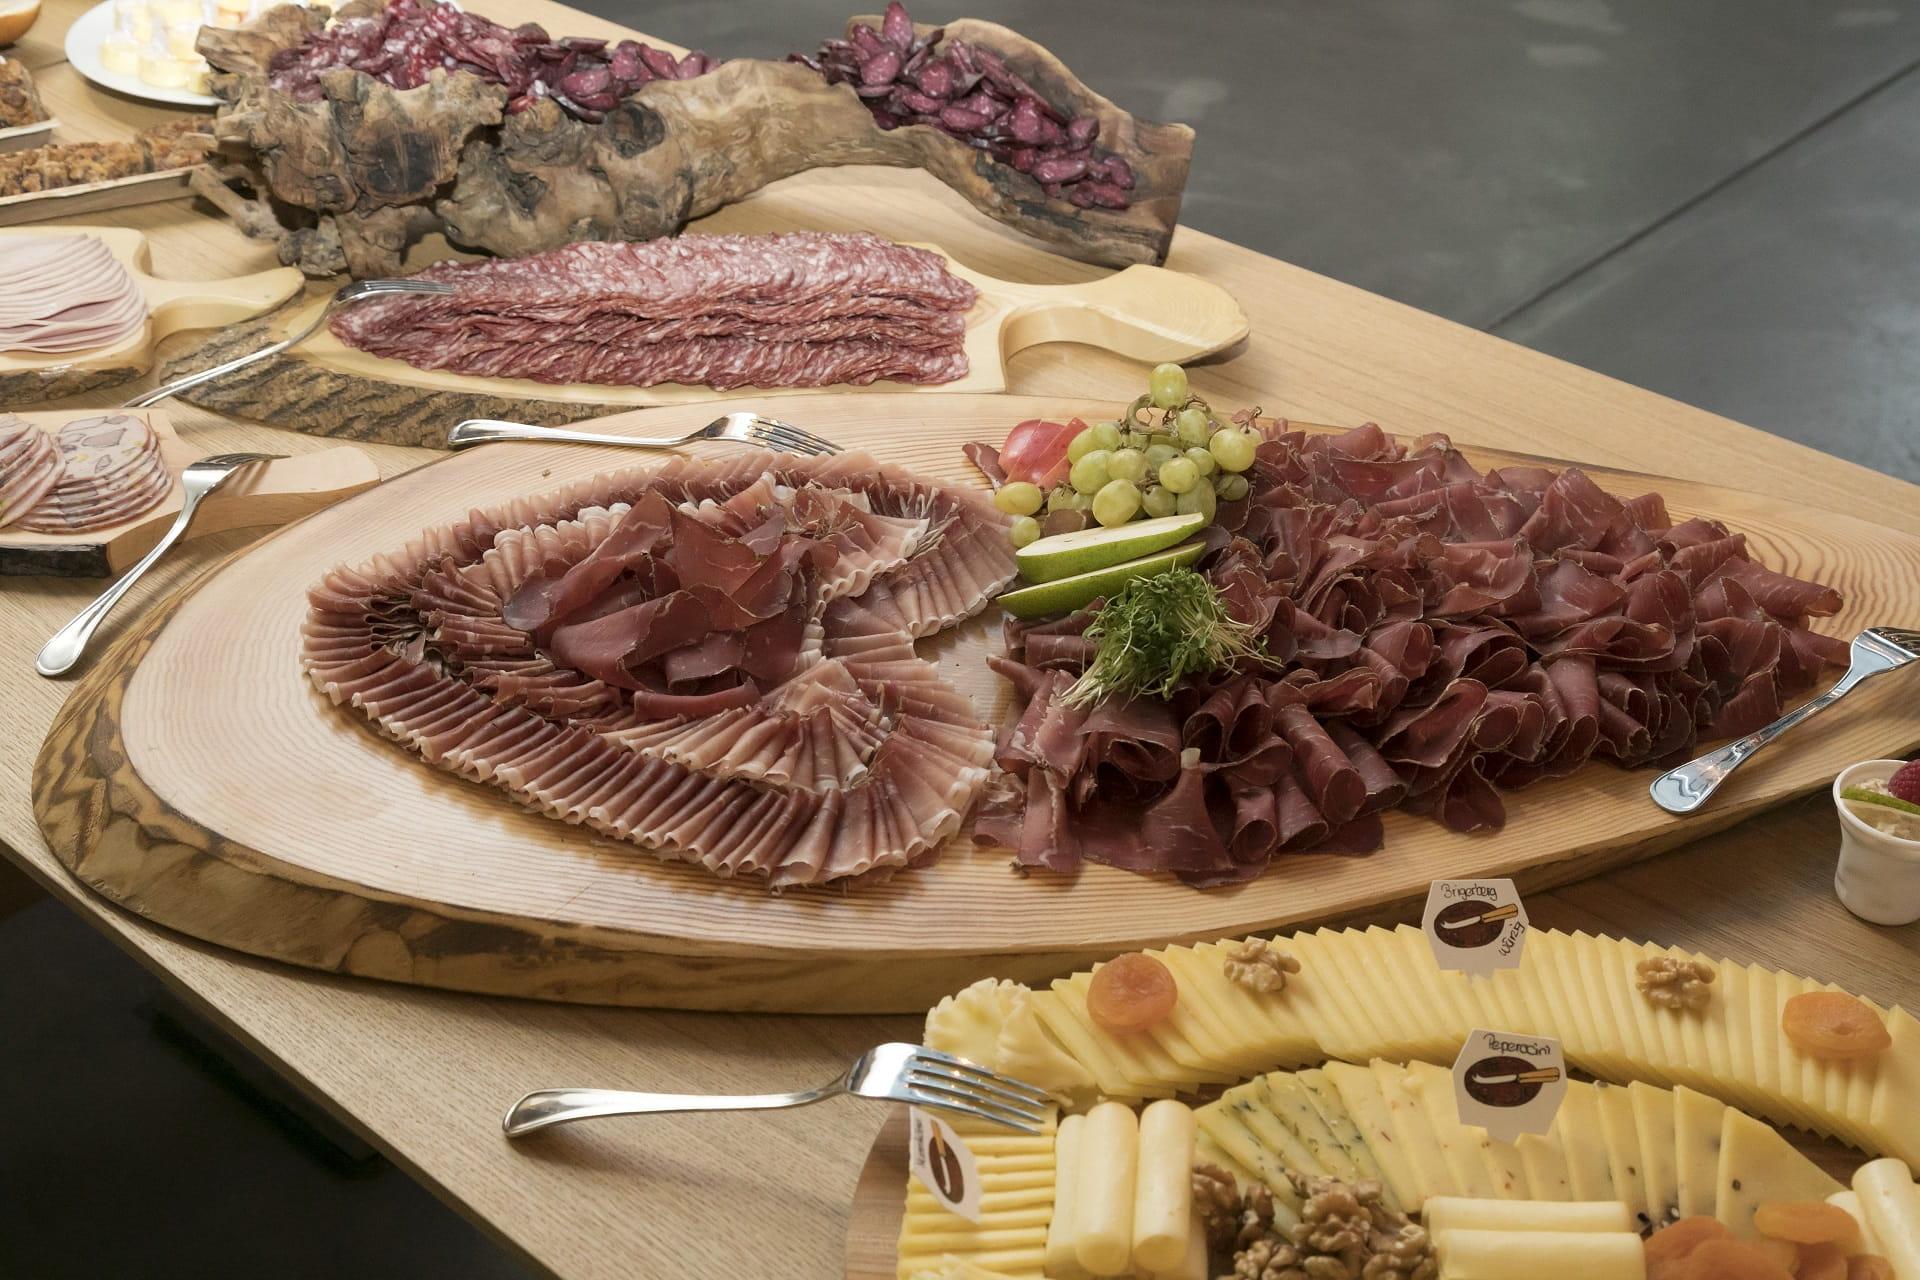 Genissen Sie jeden Sonntag von 9 bis 13 Uhr einen reichhaltigen Brunch mit Produkten aus dem UNESCO-Welterbe Jungfrau-Aletsch.